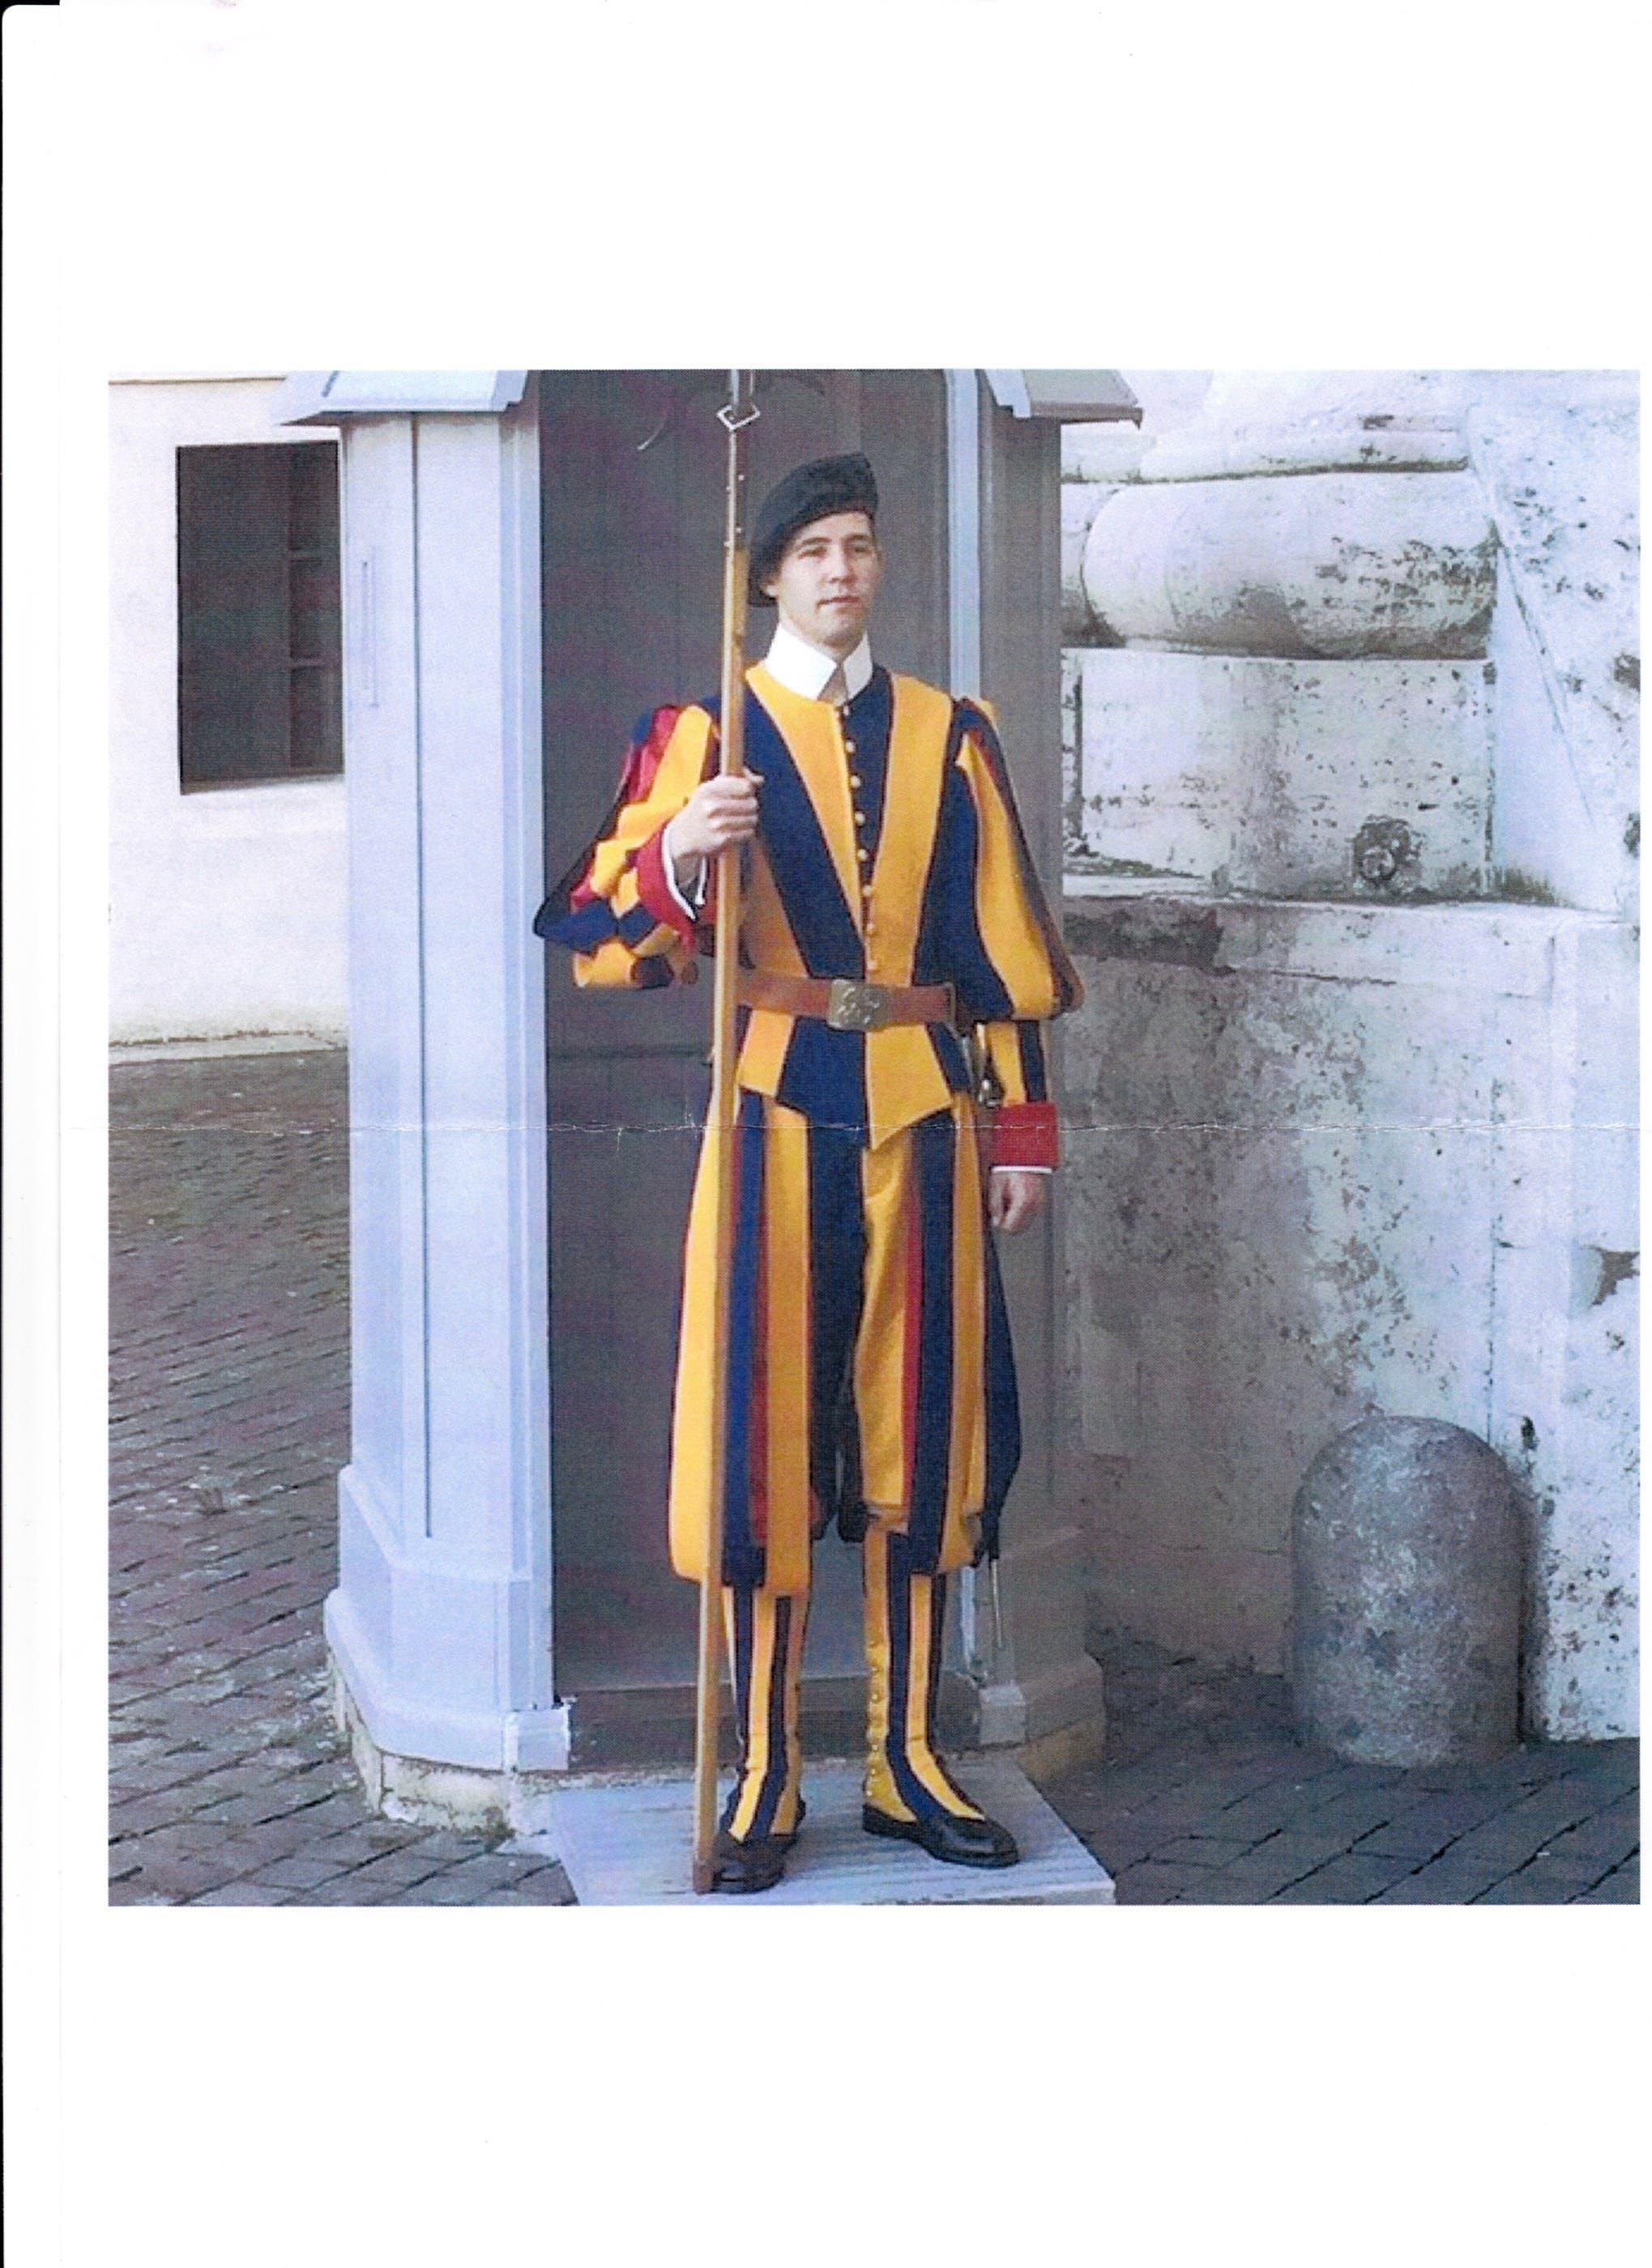 Rene Ochsenbein Gardist in Rom Er hat sich für 25 Monate verpflichtet dem Papst in Rom zu dienen und viel zu lernen.